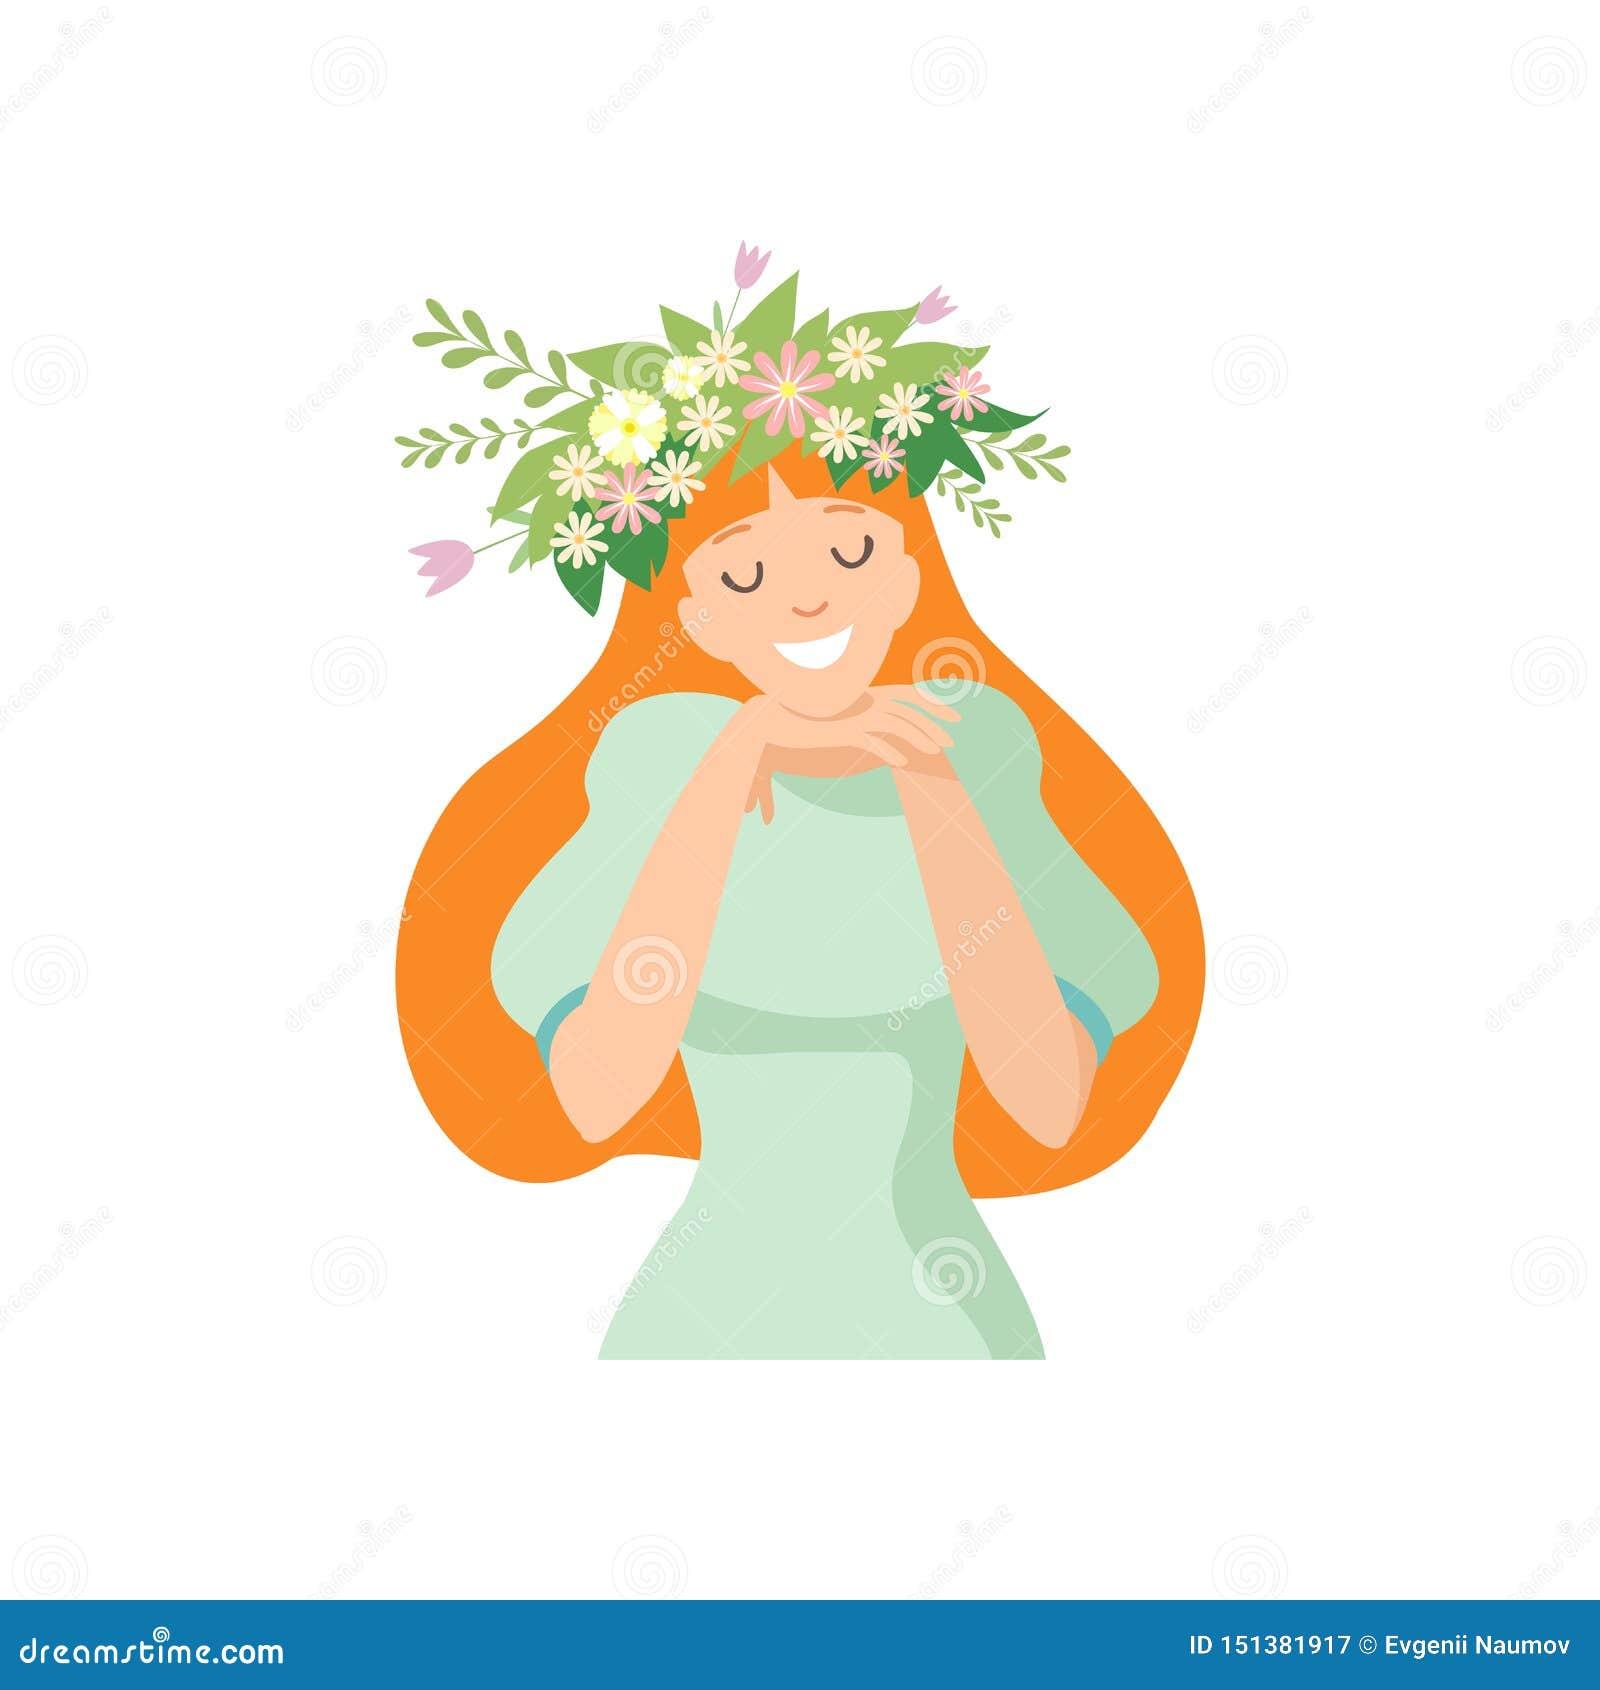 Jonge Mooie Langharige Vrouw met Bloemkroon in Haar Haar, Portret van Elegant Glimlachend Meisje met Bloemenkroon